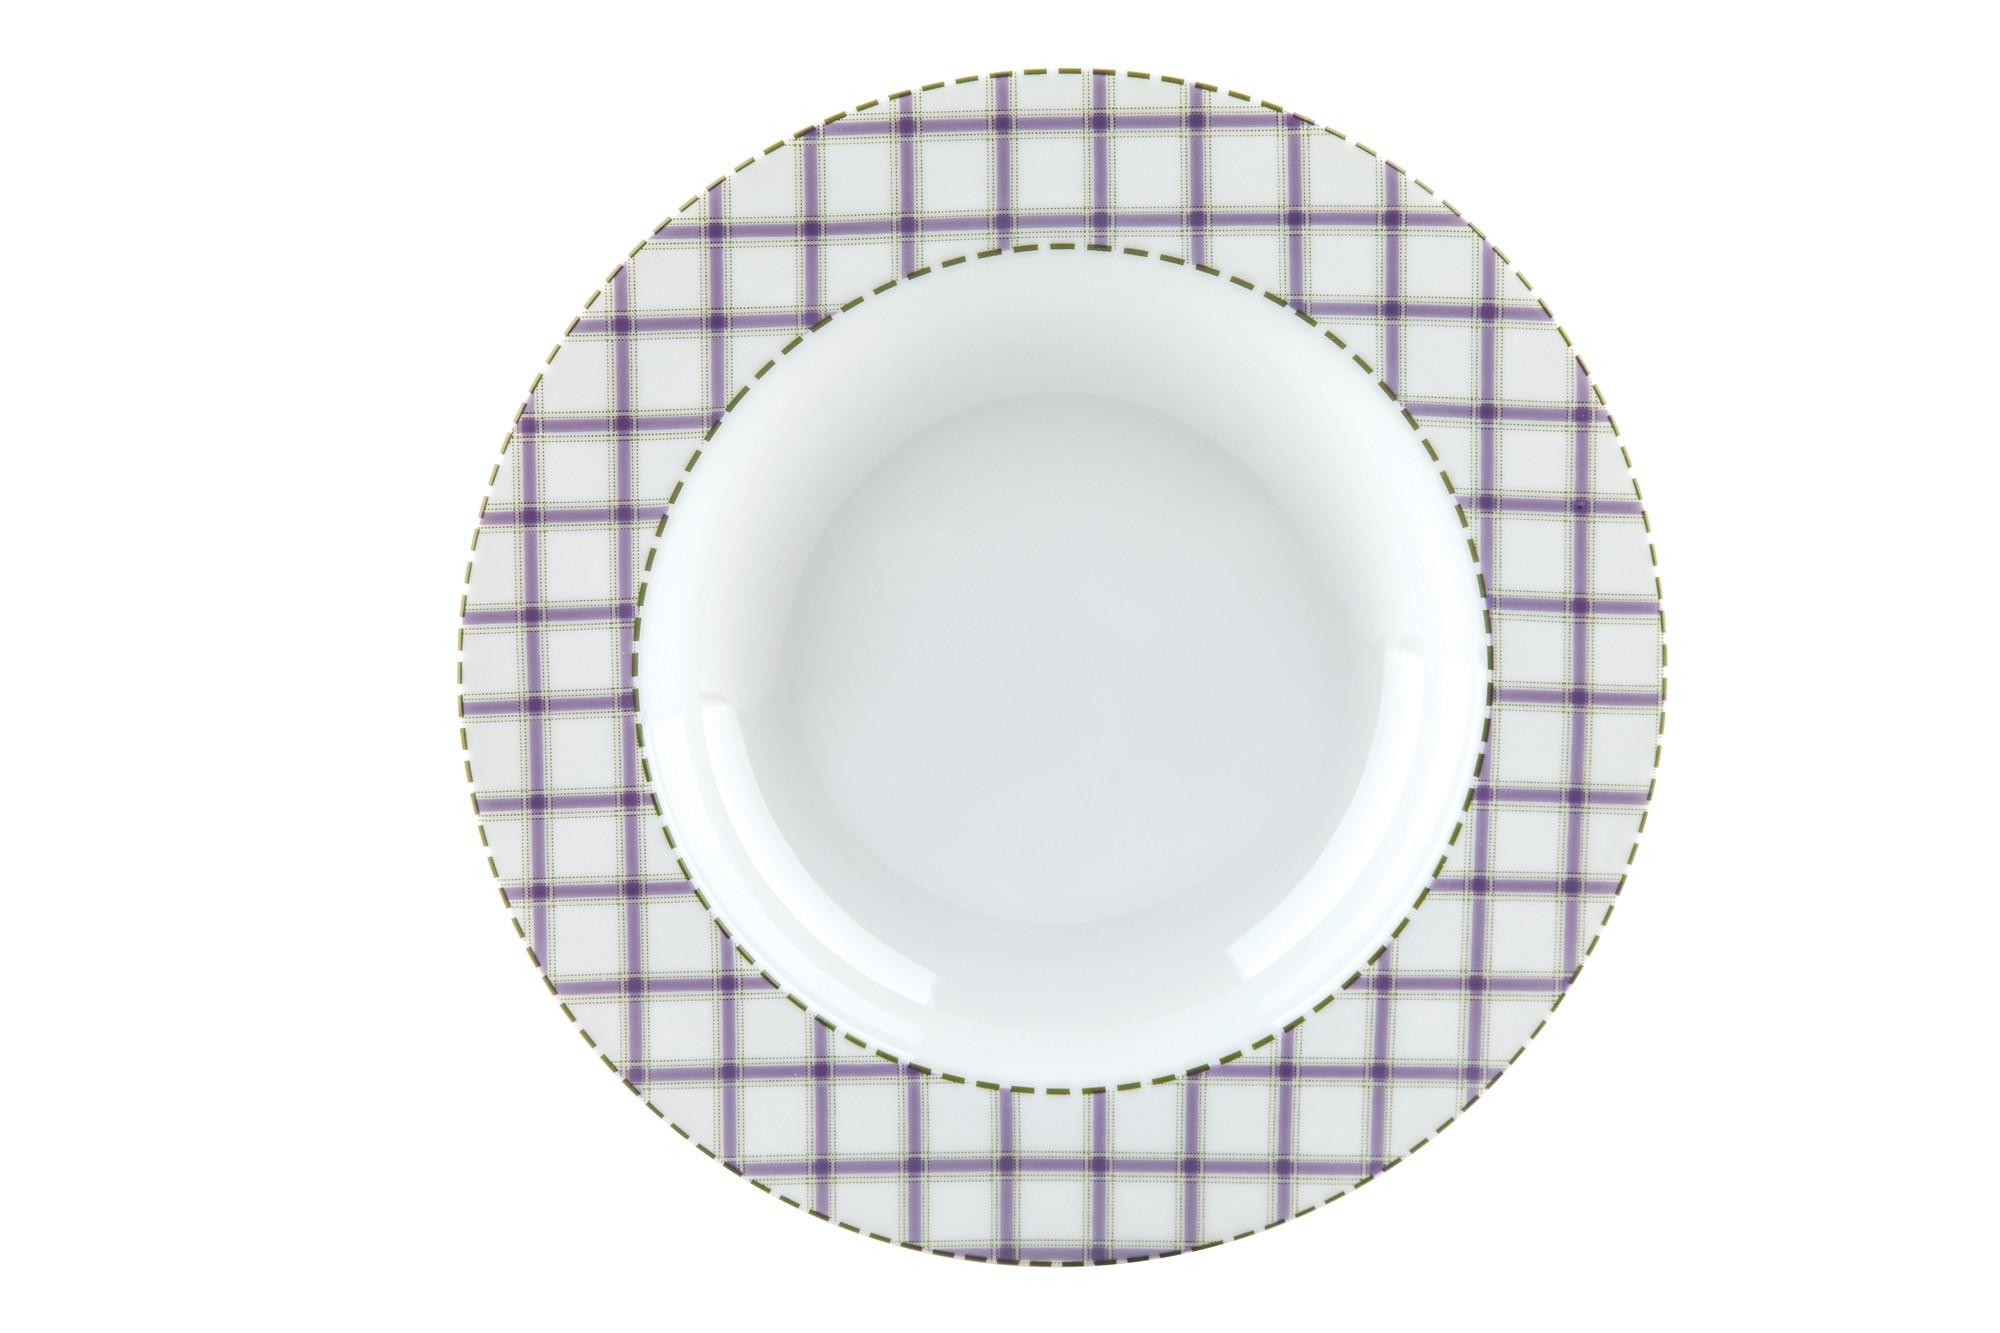 Πιάτο Βαθύ Σετ 6Τμχ Patchwork 23cm Ionia home   ειδη σερβιρισματος   πιάτα